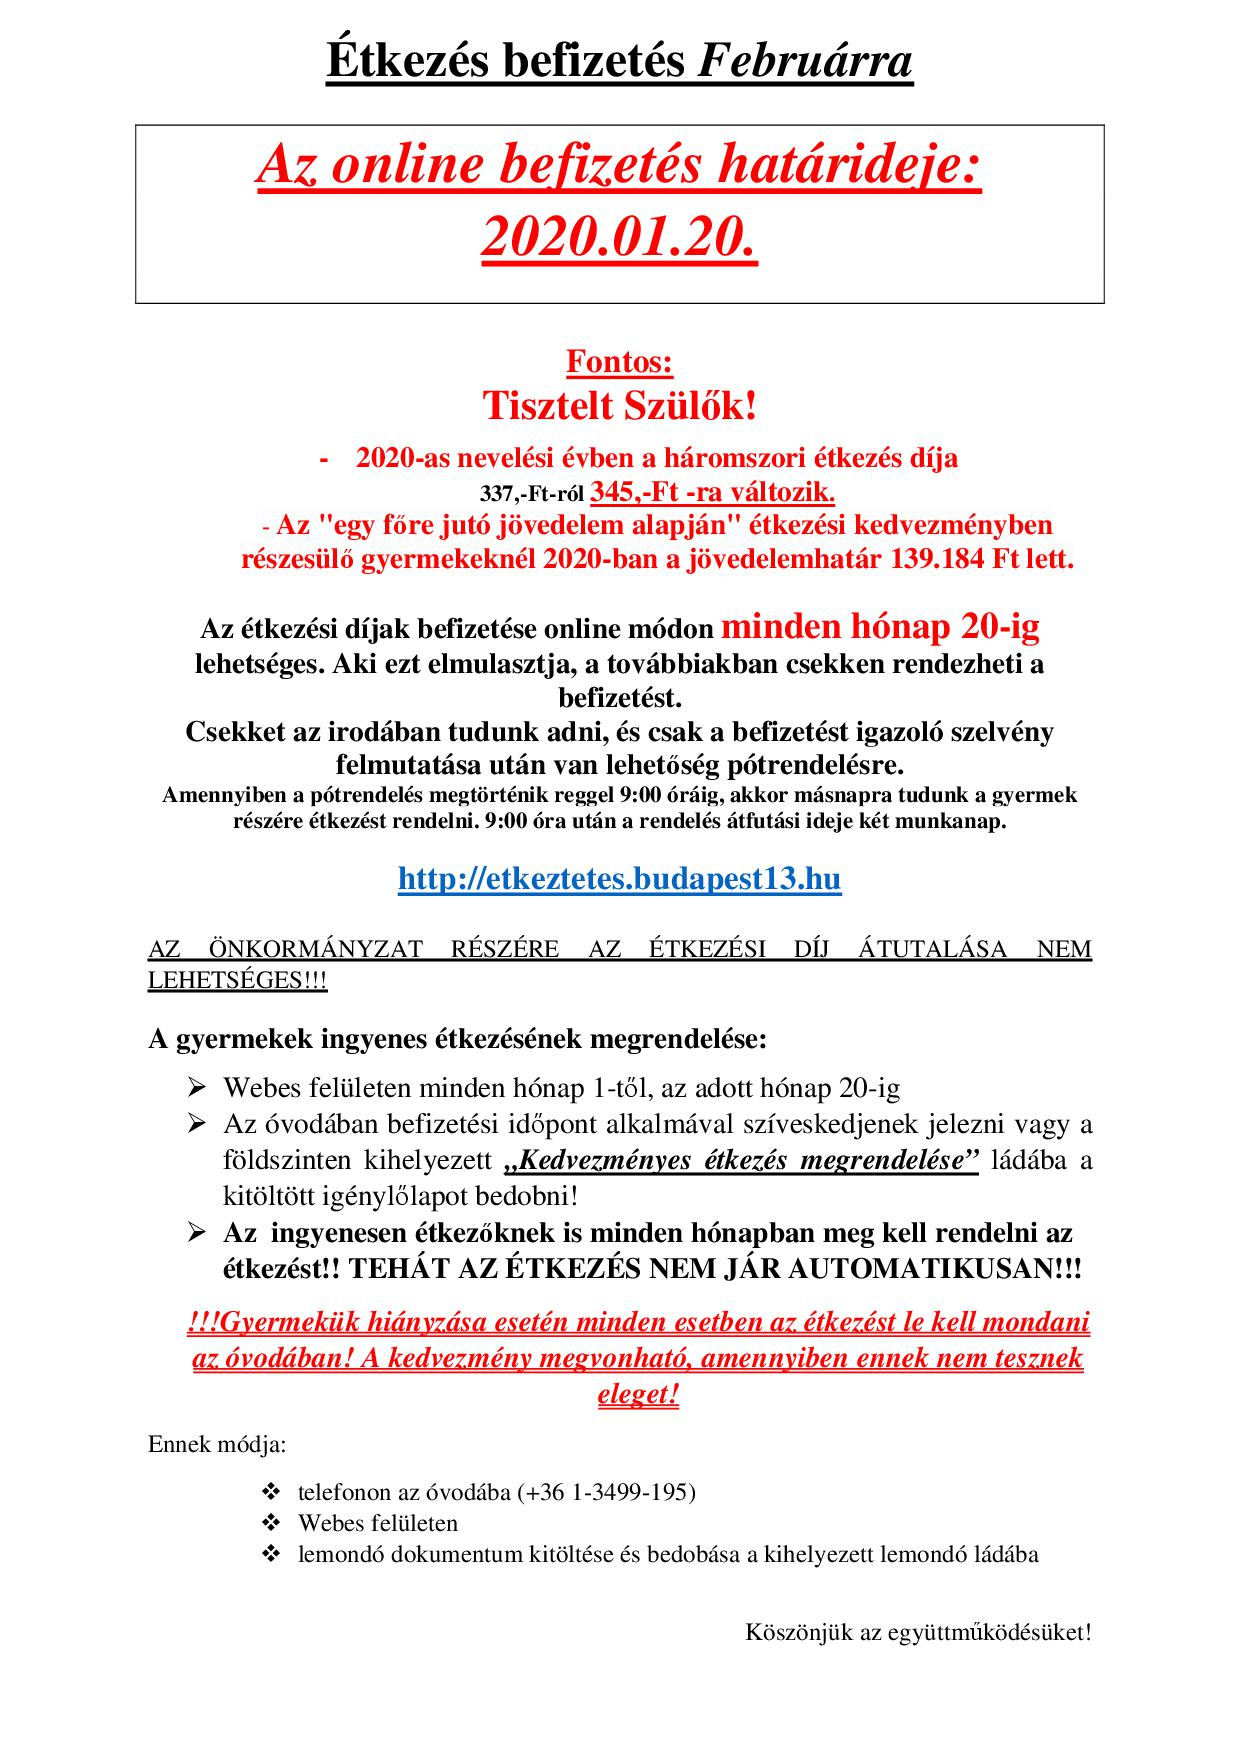 jövedelem internetes munkanap 2020 rn)